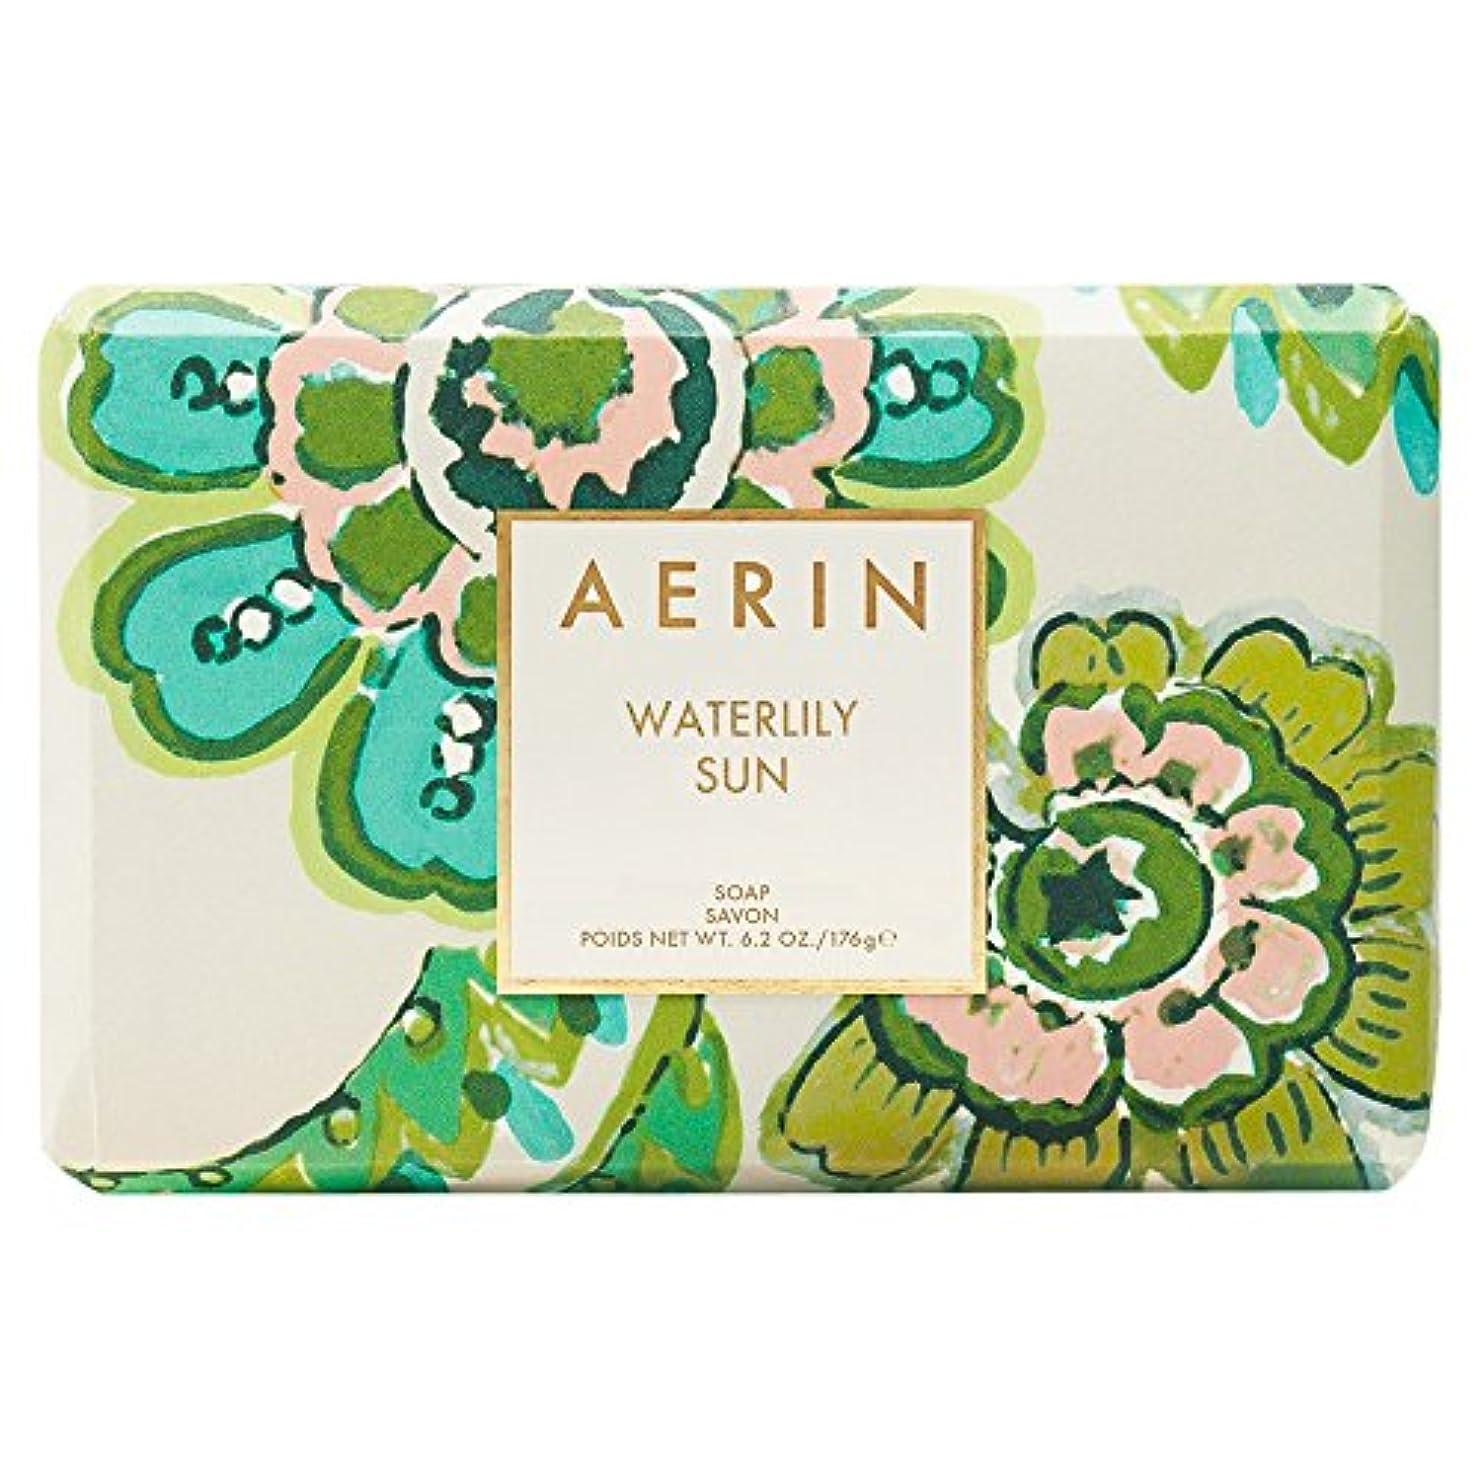 ポスト印象派引っ張る吹きさらしAerinスイレン日石鹸176グラム (AERIN) (x6) - AERIN Waterlily Sun Soap 176g (Pack of 6) [並行輸入品]